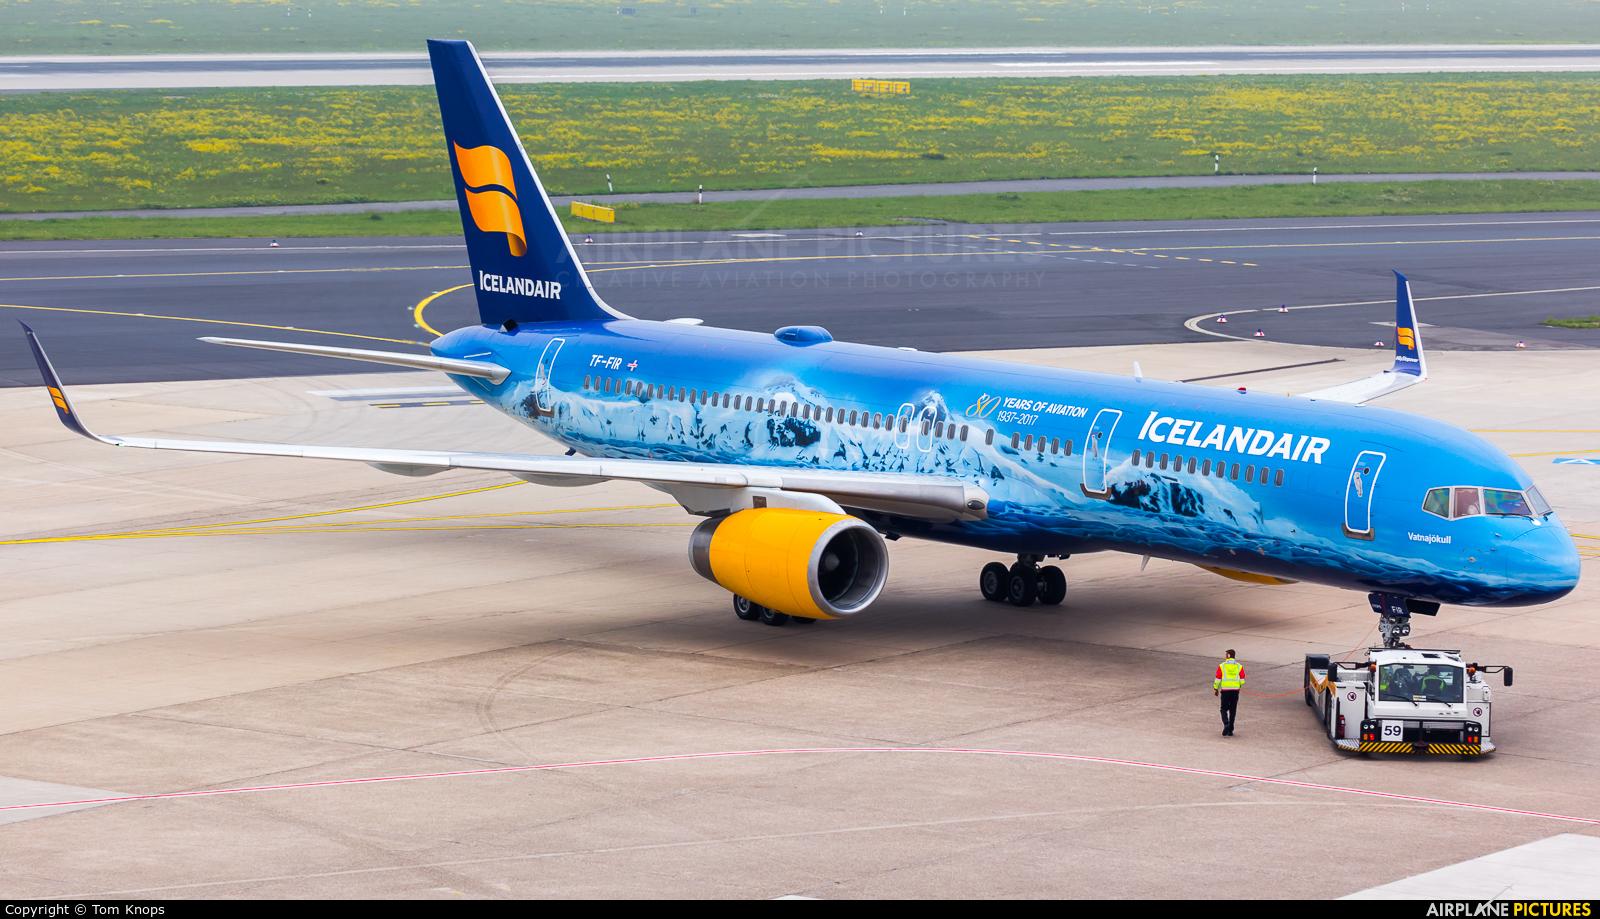 Icelandair TF-FIR aircraft at Düsseldorf